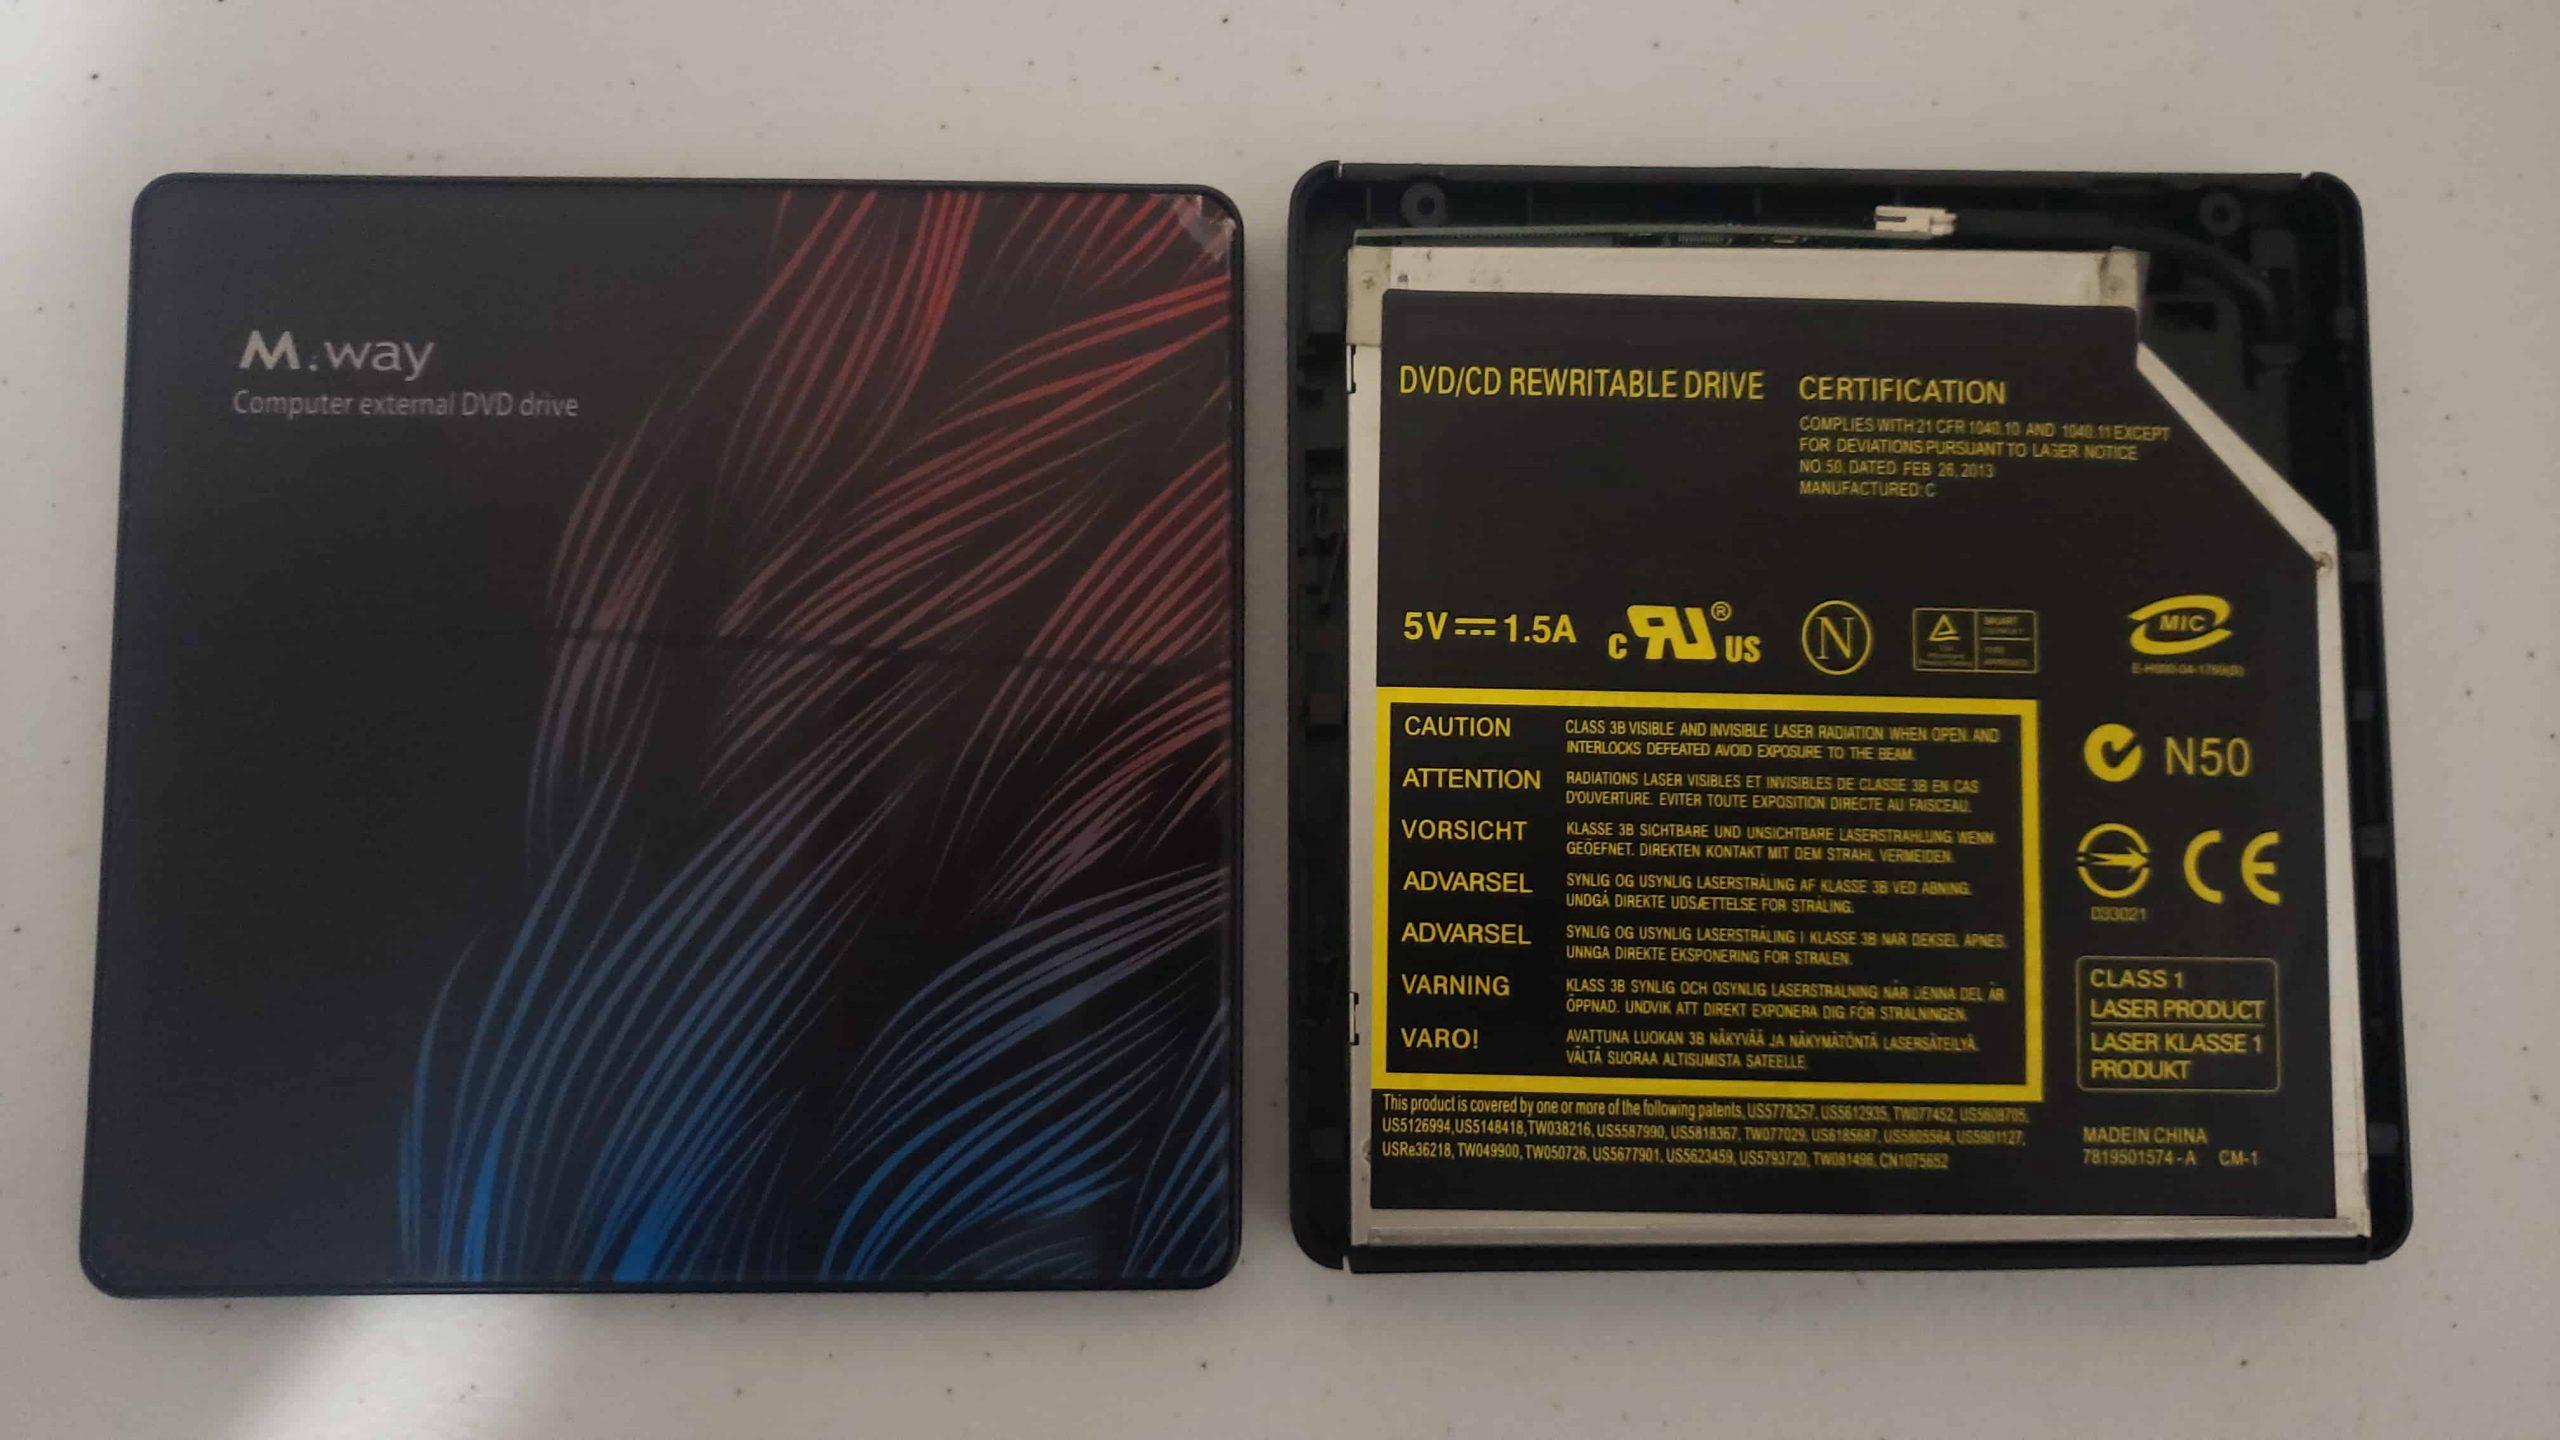 M Way External DVD Drive - Colorful Flame Pattern - Teardown - 2